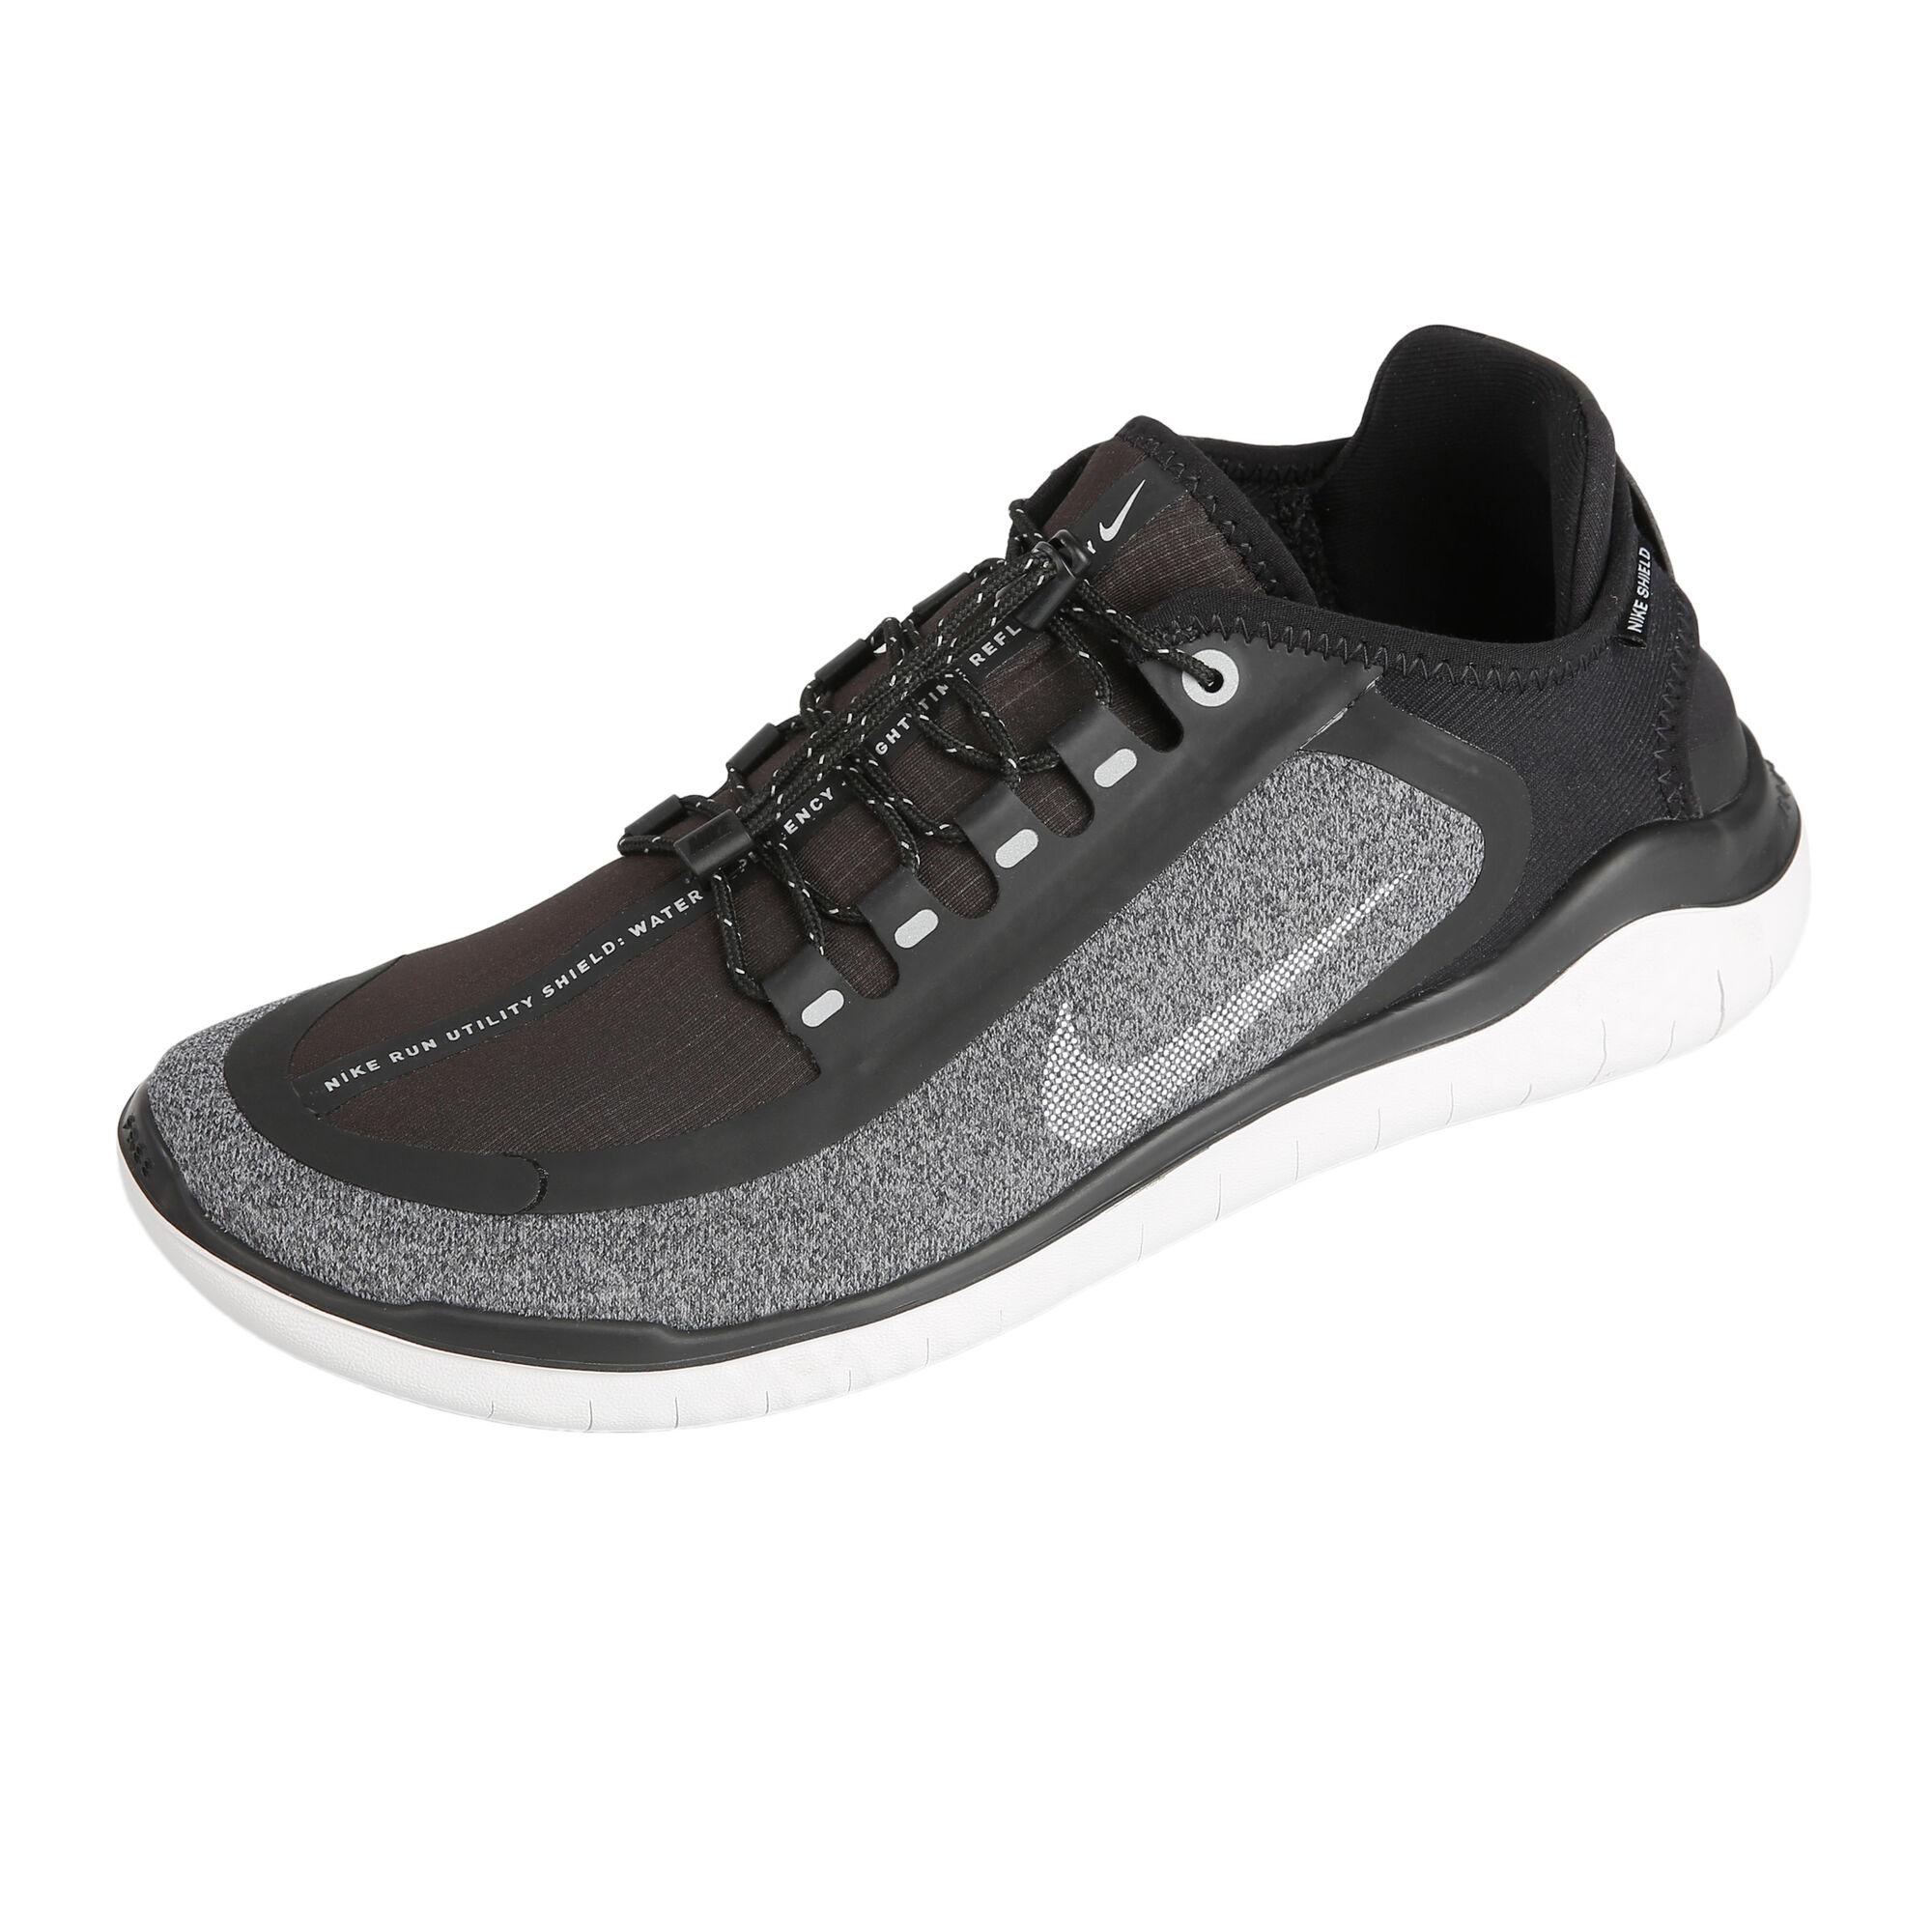 c39da59c2036 Nike  Nike  Nike  Nike  Nike  Nike  Nike  Nike  Nike. Free Run 2018 ...